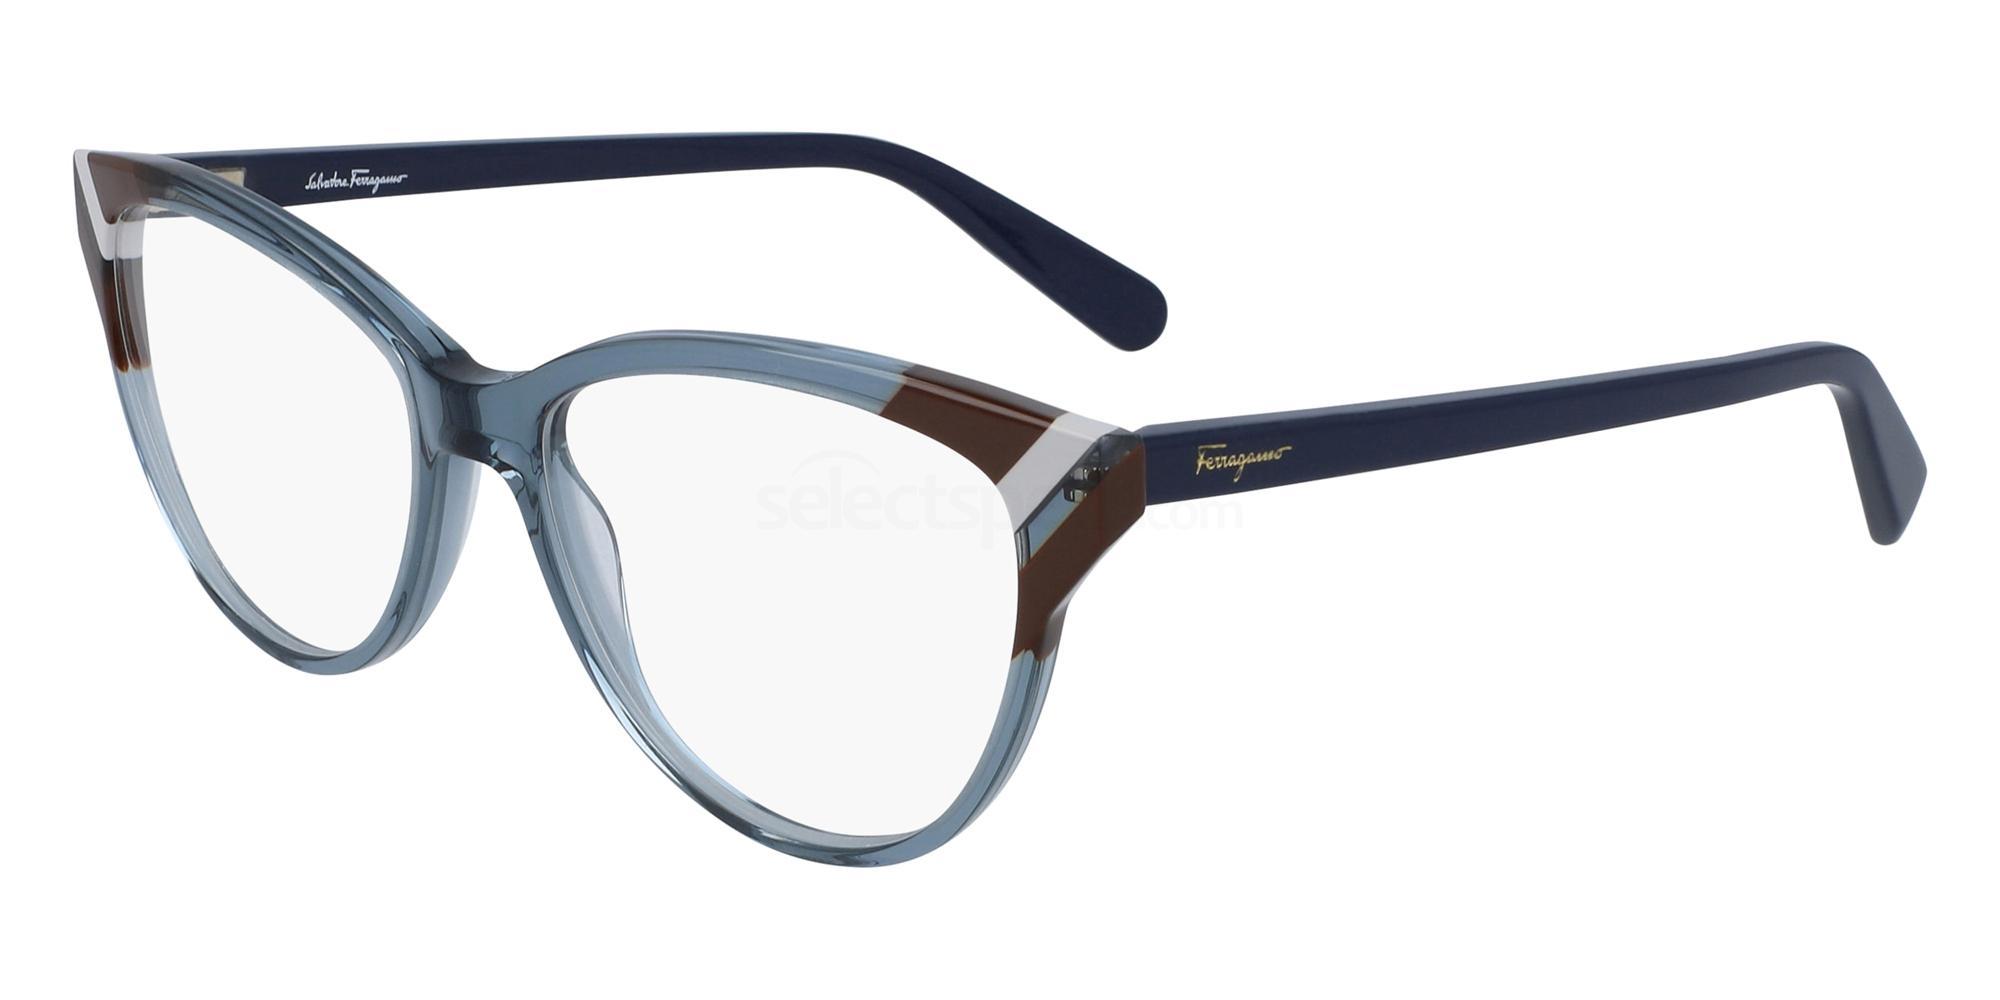 414 SF2844 Glasses, Salvatore Ferragamo